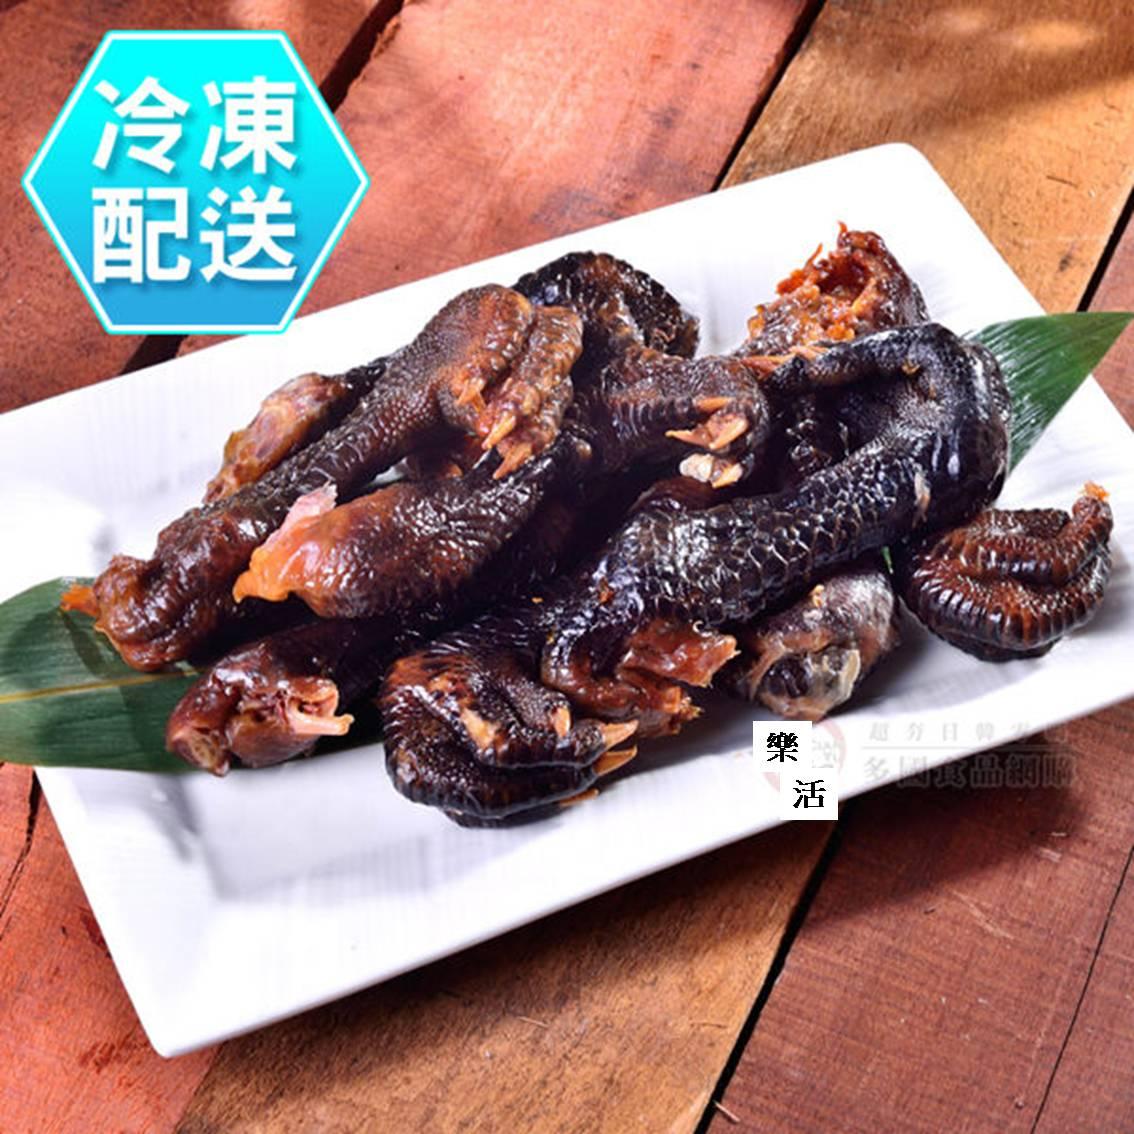 樂活生活館  煙燻土雞腳(10支)420g 冷凍配送   蔗雞王